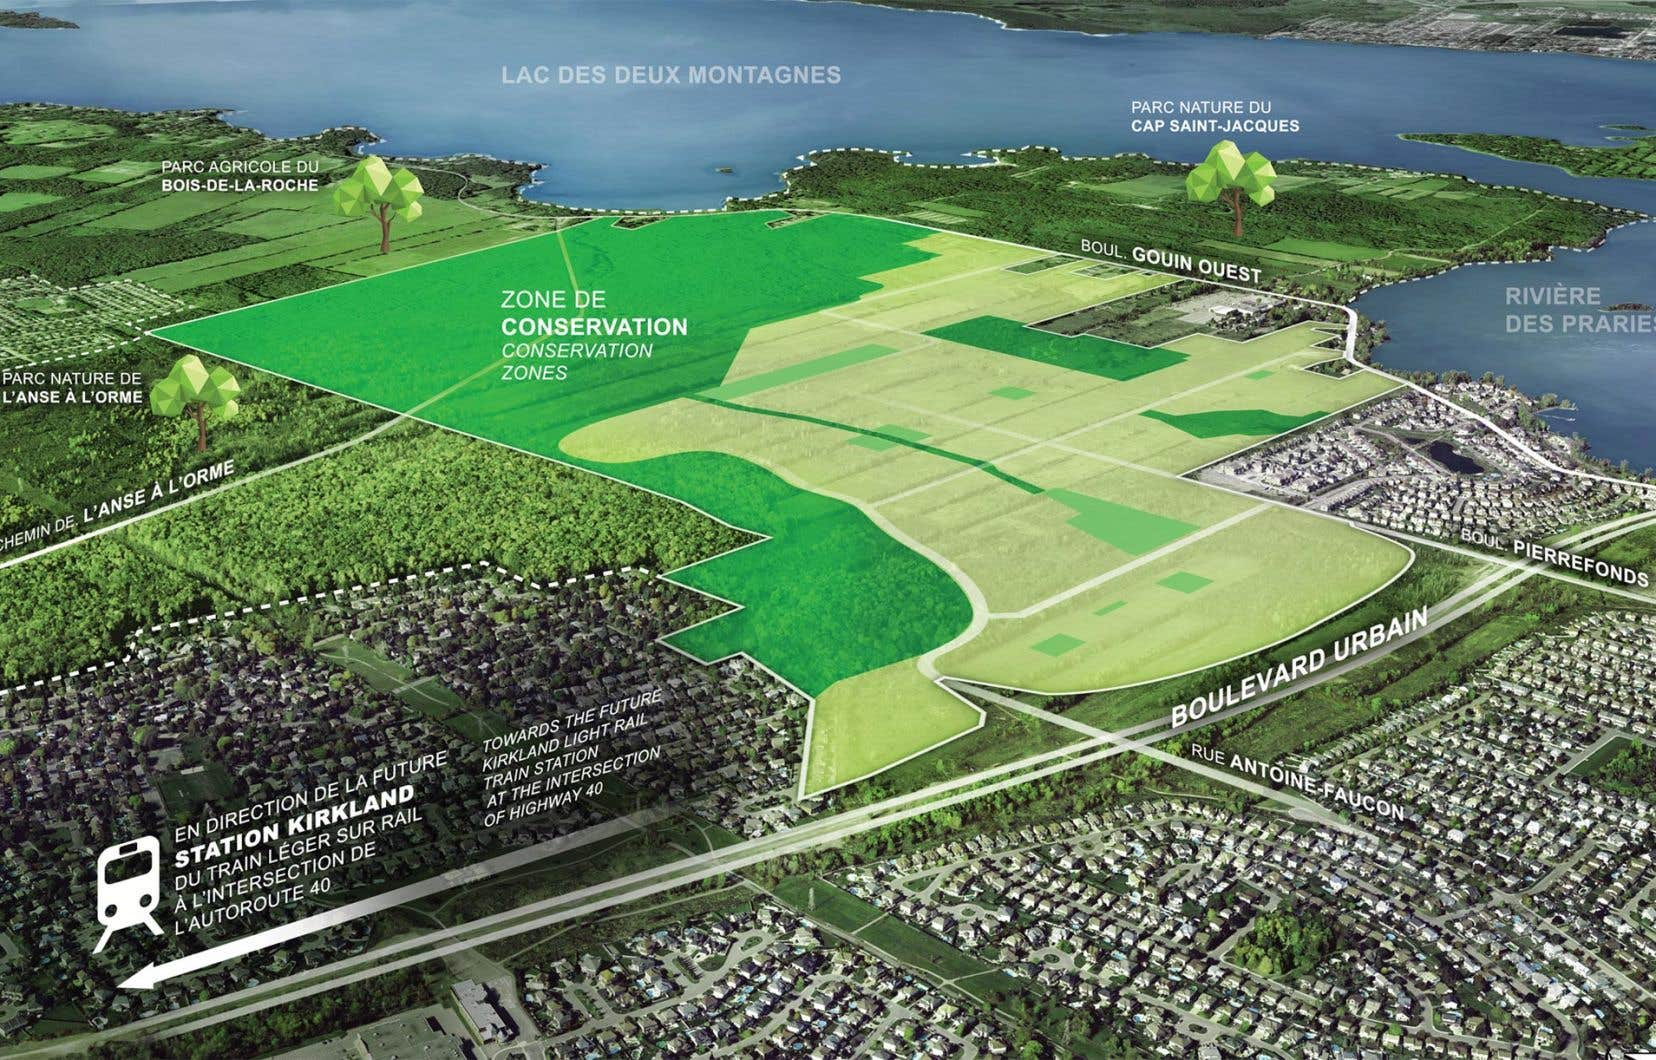 Le projet Cap-Nature prévoit la construction de 5500 habitations sur 185 hectares. En revanche, 180 hectares de milieux naturels seront intégrés au parc-nature de l'Anse-à-l'Orme.